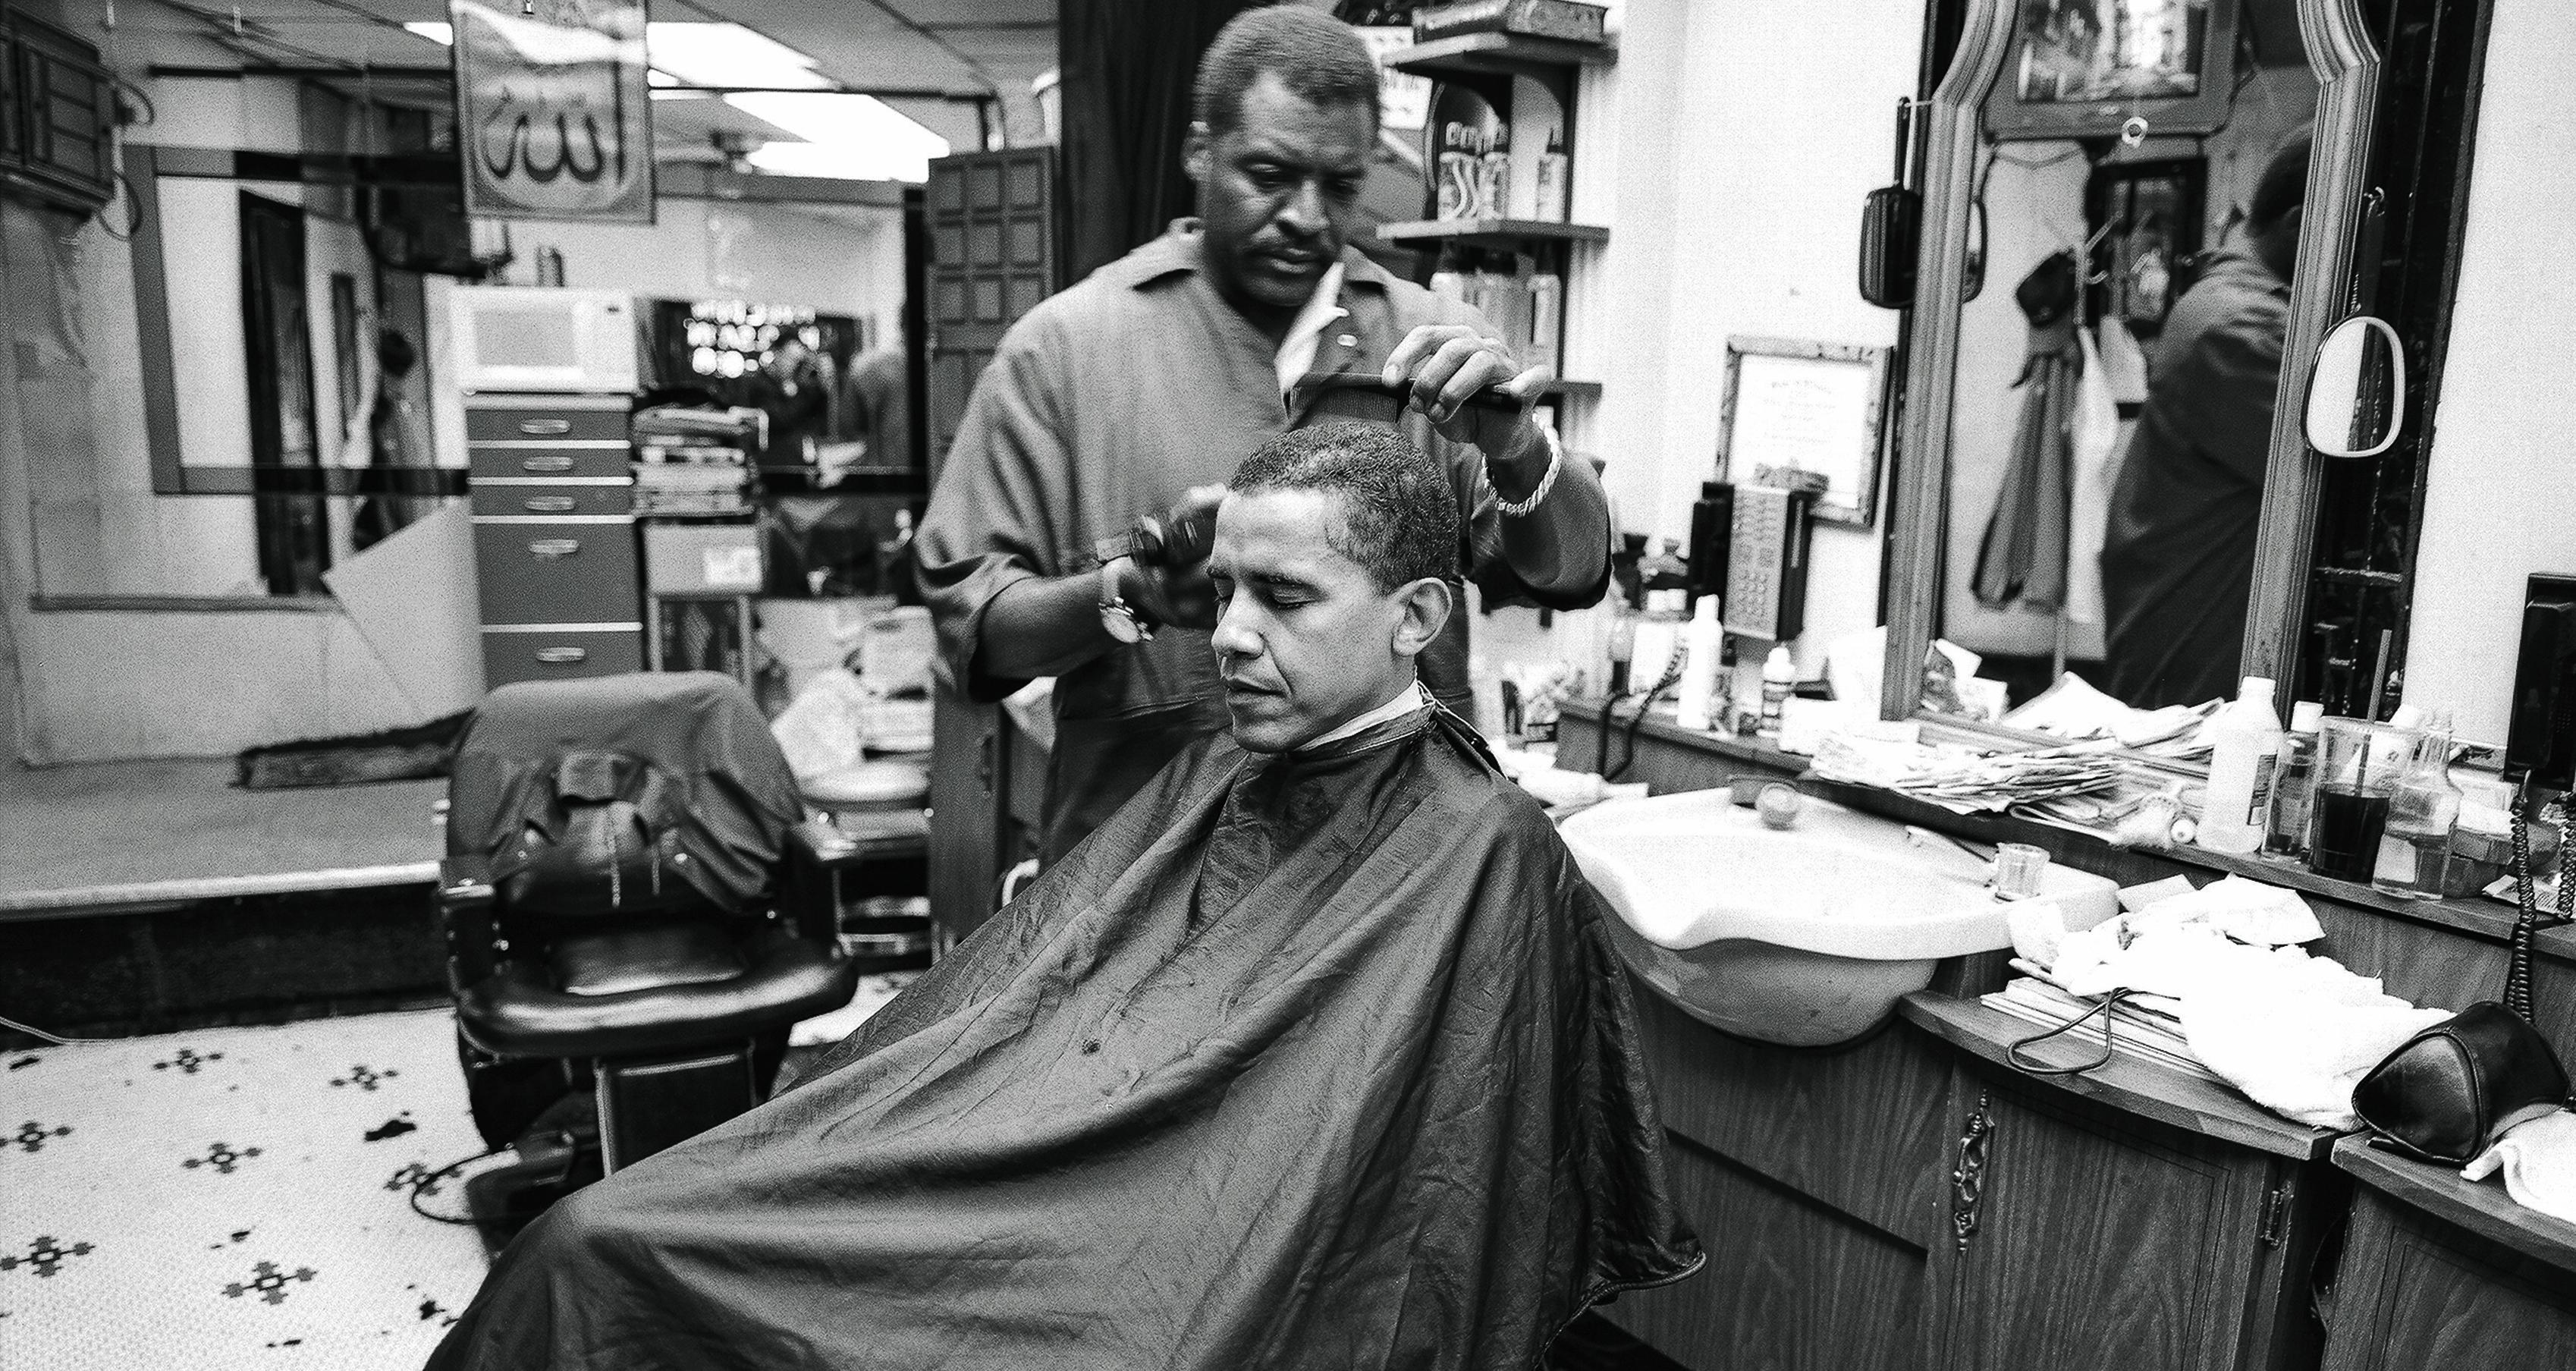 Barack Obama in the Viewfinder